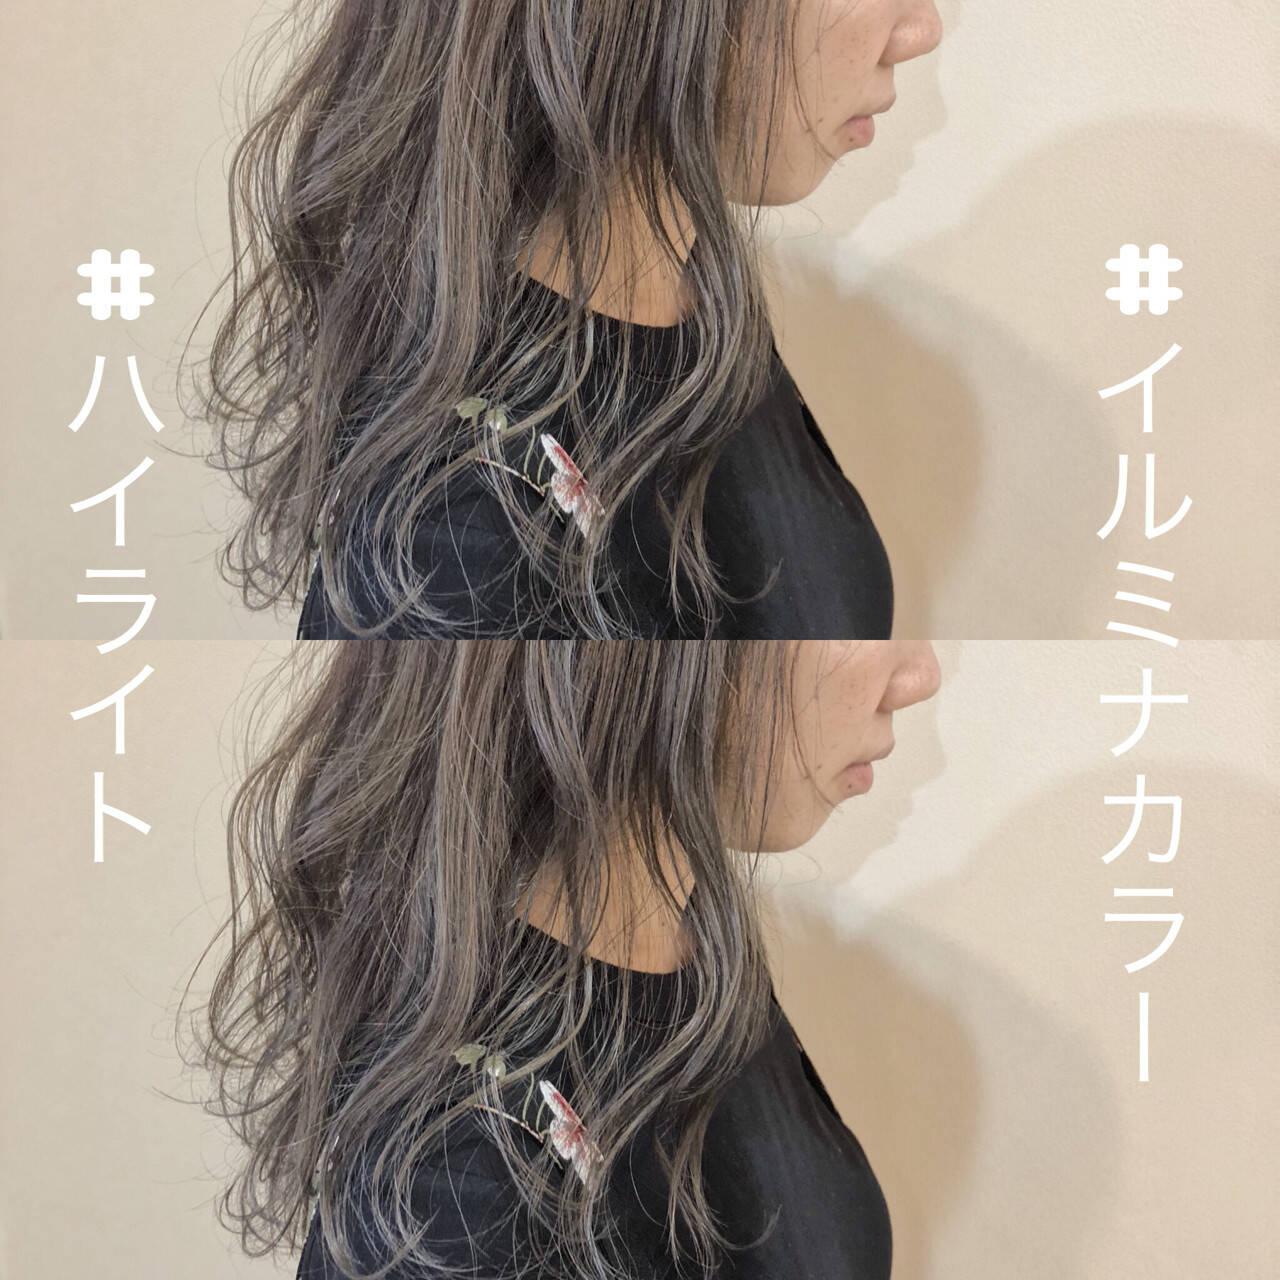 ロング ガーリー グレージュ 波ウェーブヘアスタイルや髪型の写真・画像